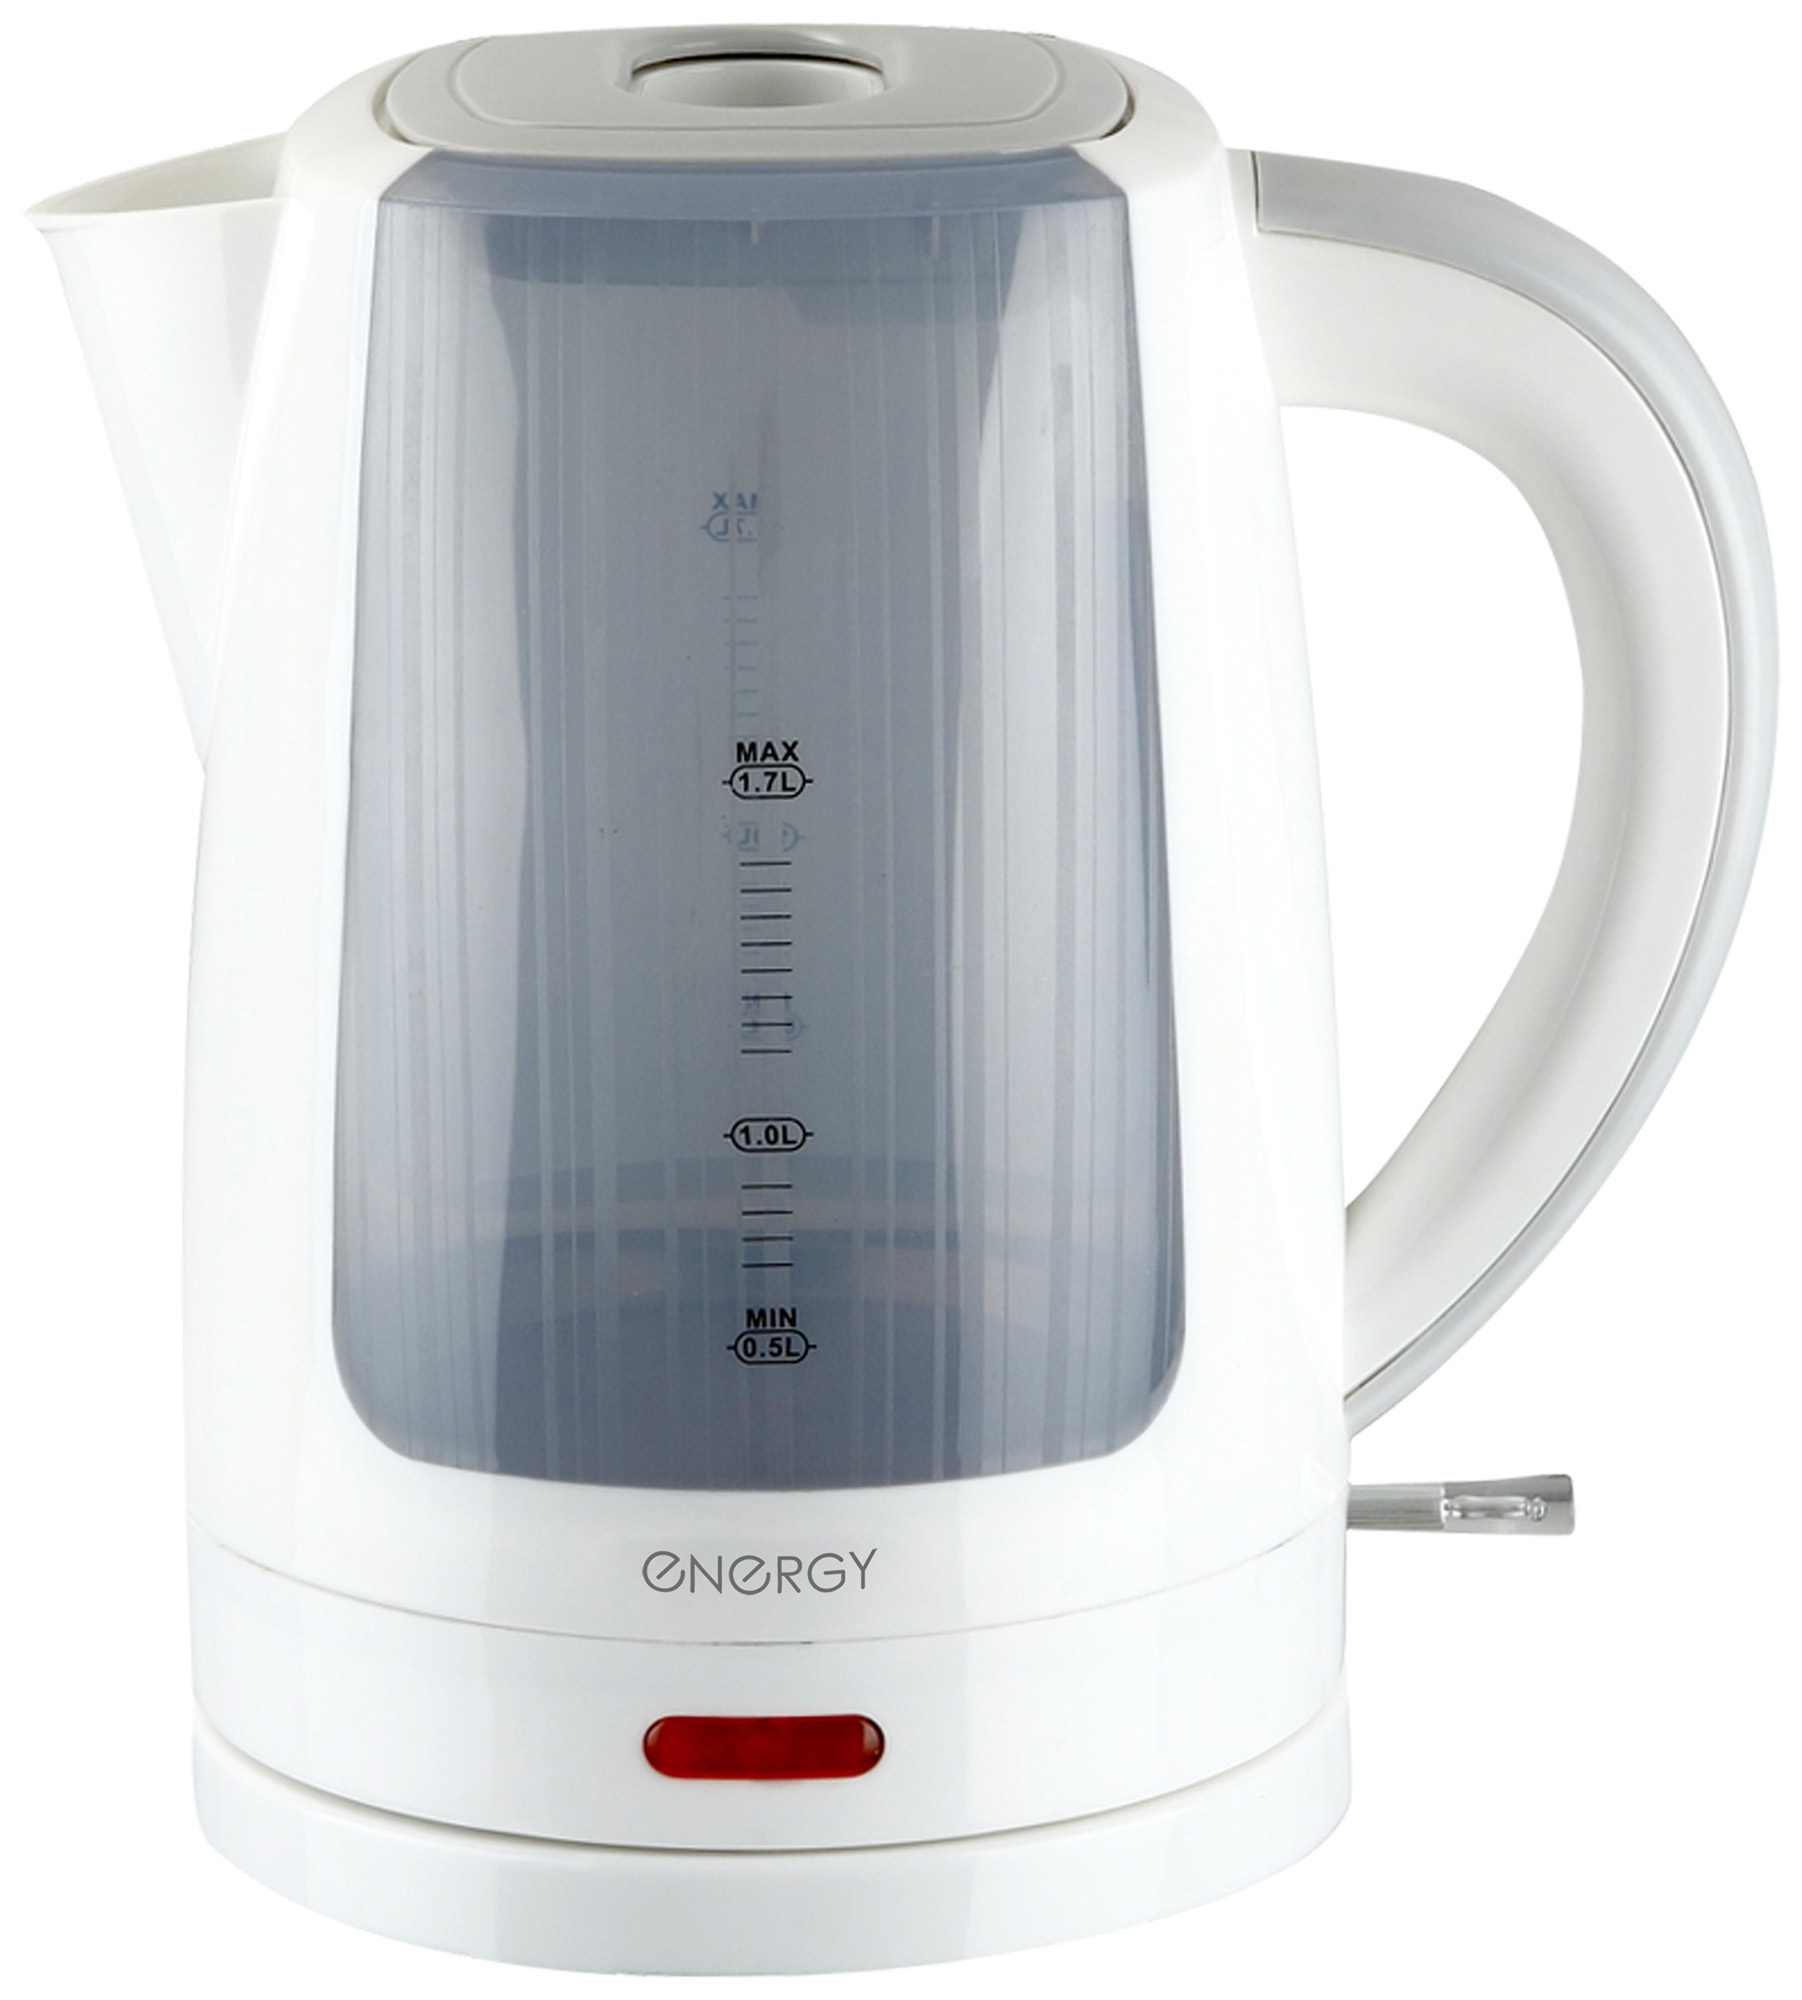 Электрический чайник ENERGY E-221, 54 153068, белый energy чайник energy e 226 1 7л диск белый